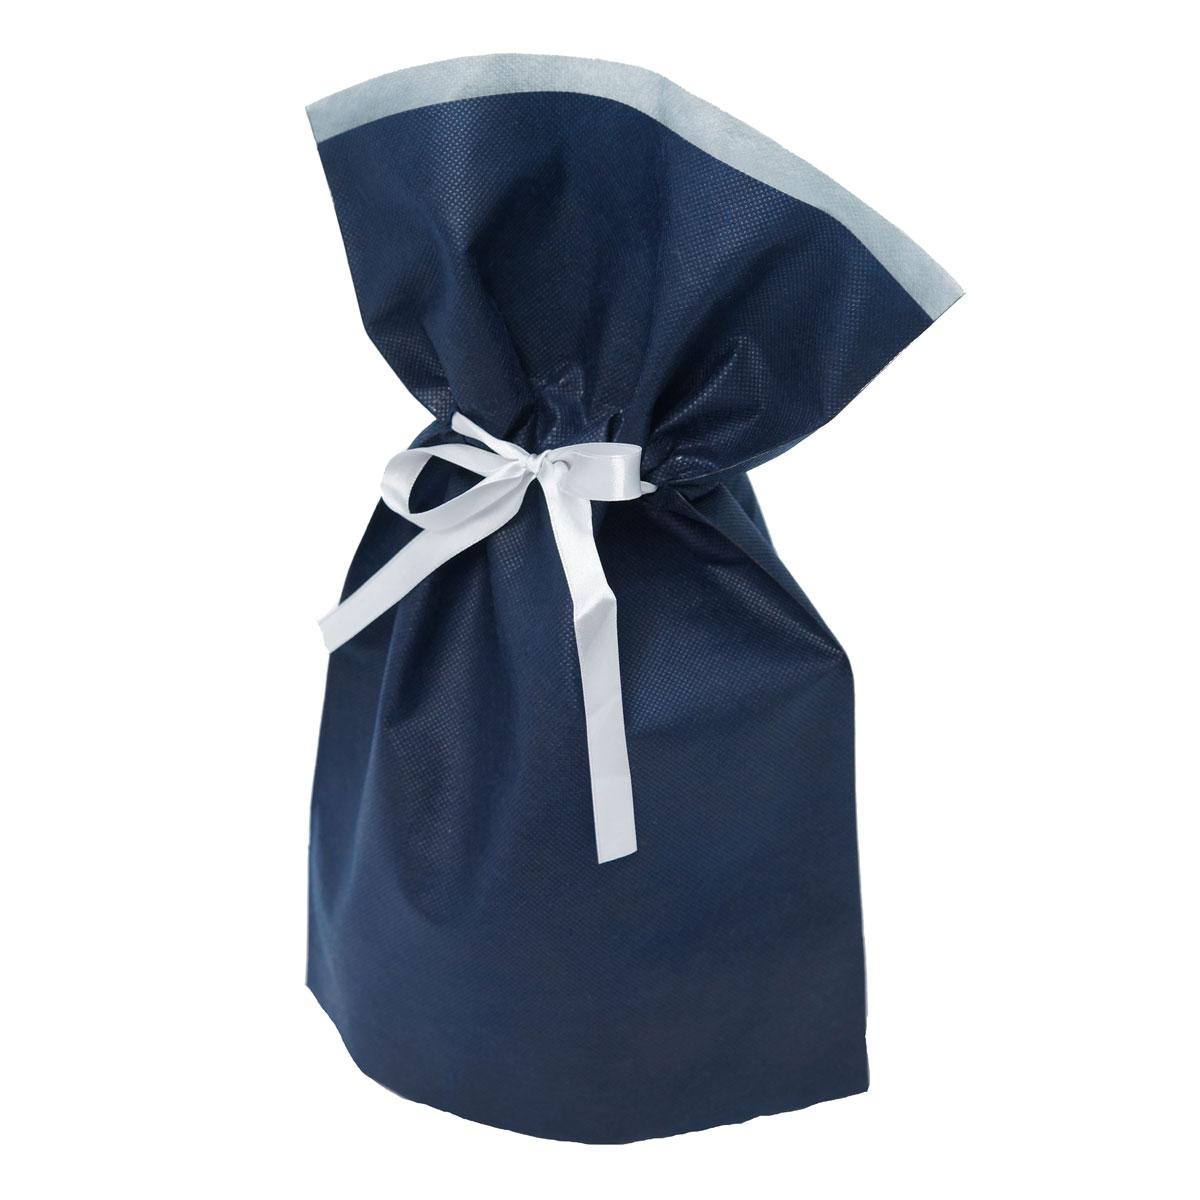 ギフトラッピングキット 巾着袋 Mタイプ